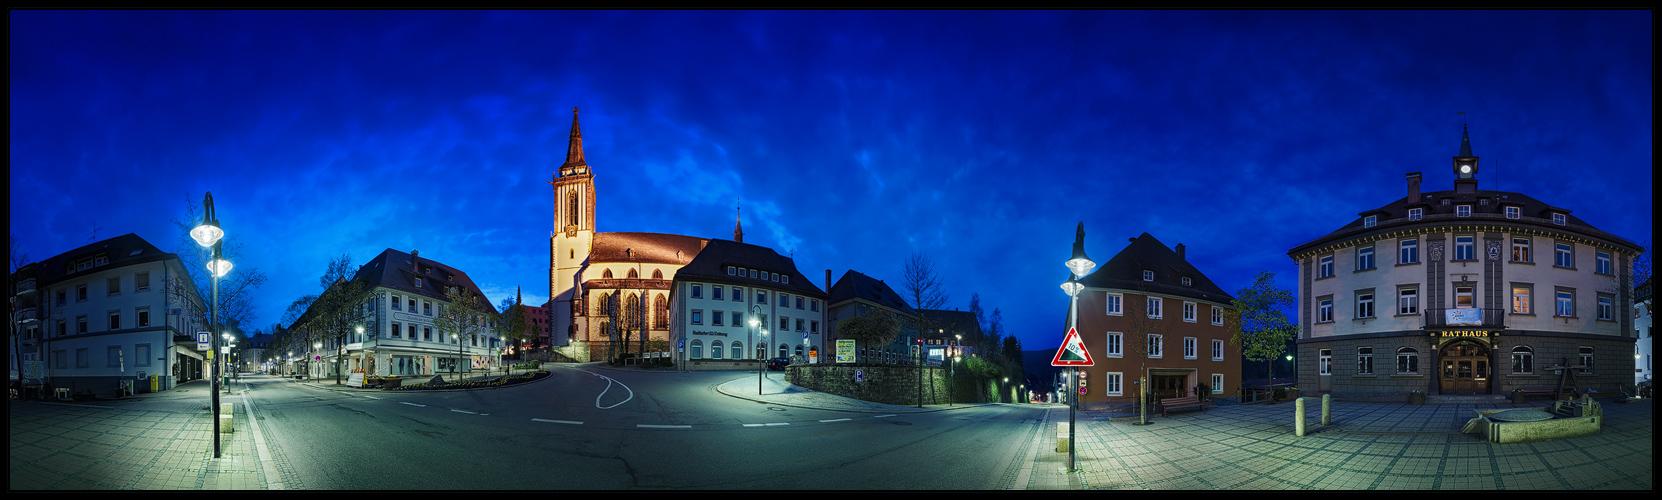 Neustadt im Schwarzwald